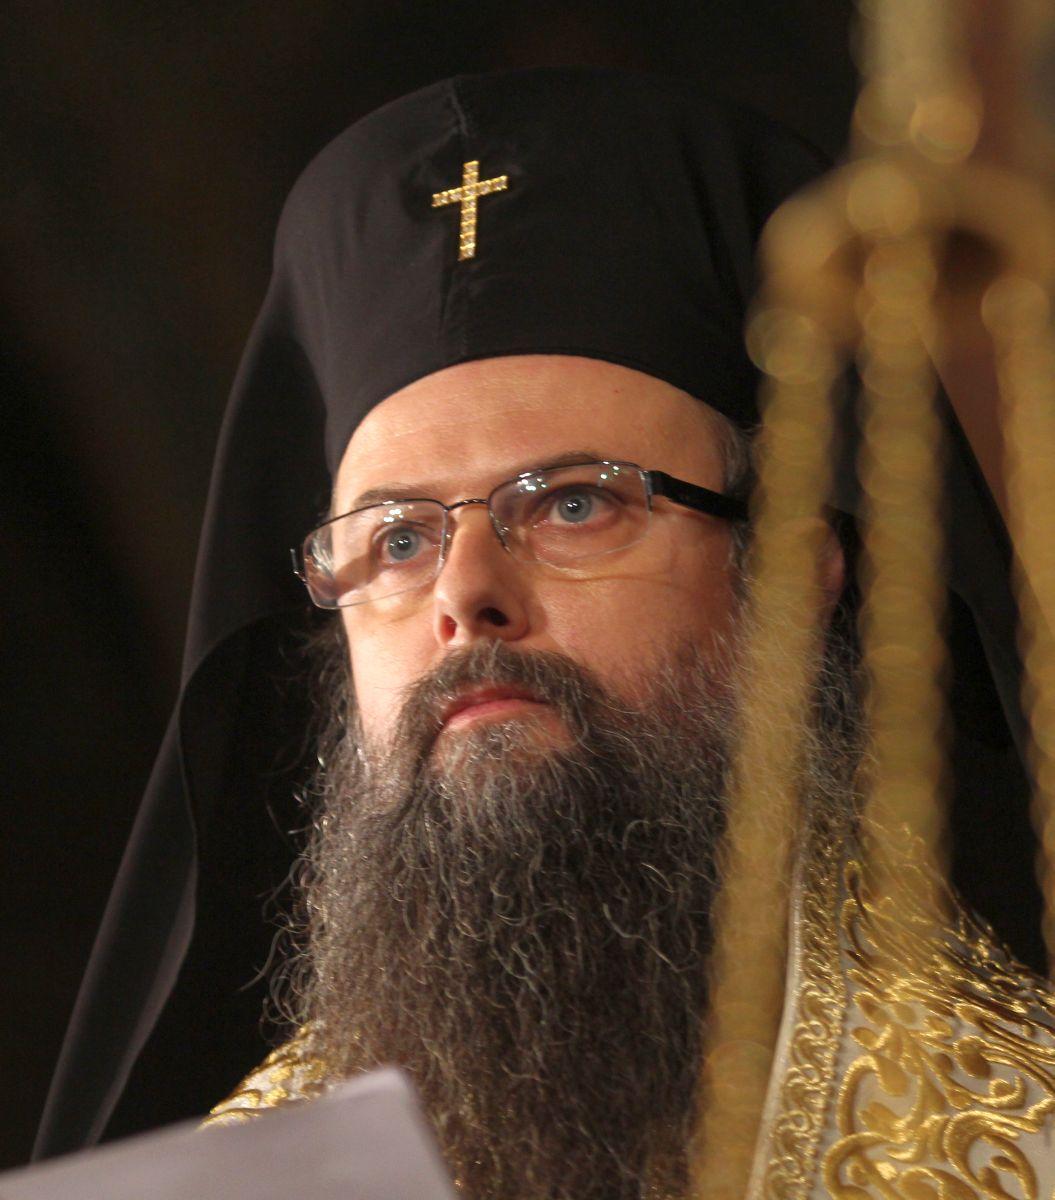 """Митрополит Николай платил църковна сметка за ток с """"Ролекса"""" си"""